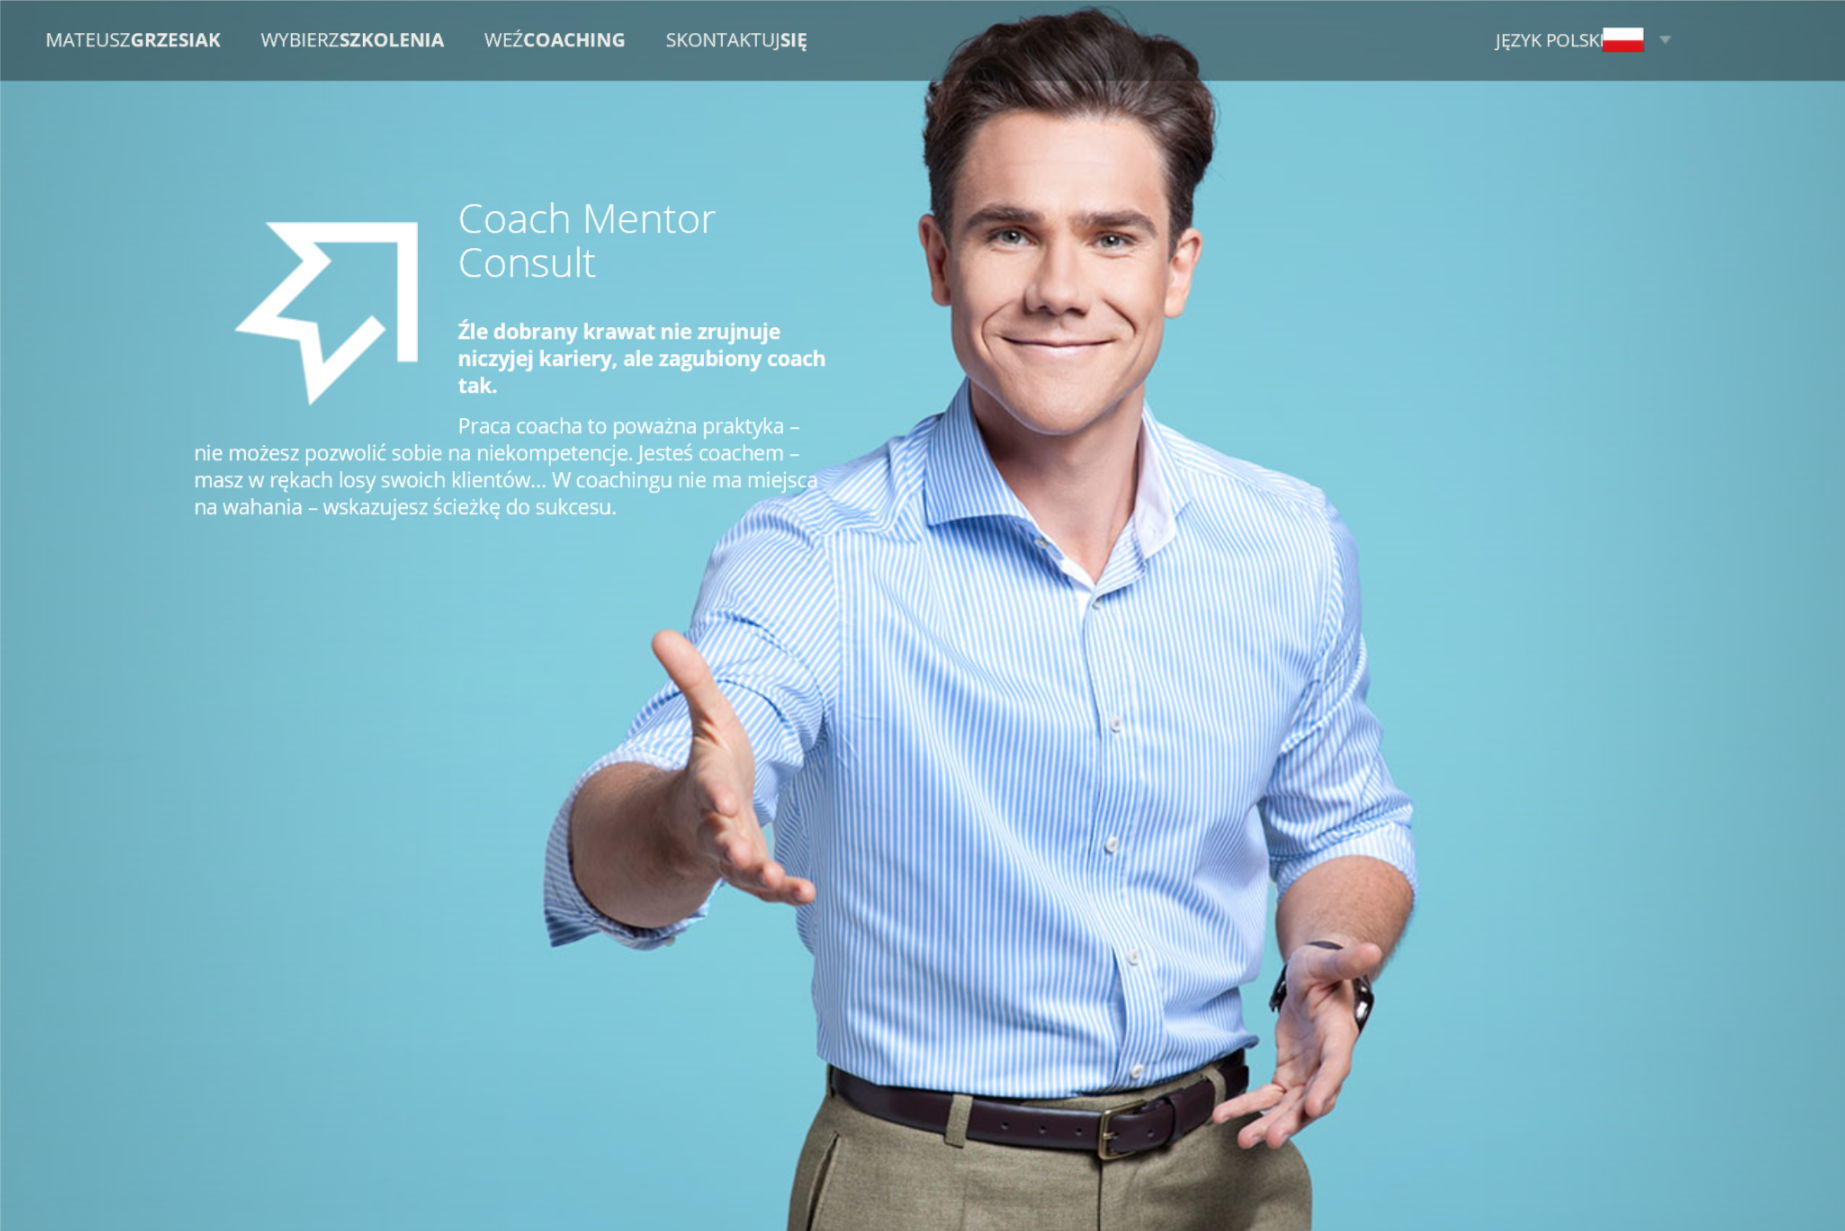 Mateusz Grzesiak, personal branding, agencja, strona www, grmg, rebranding